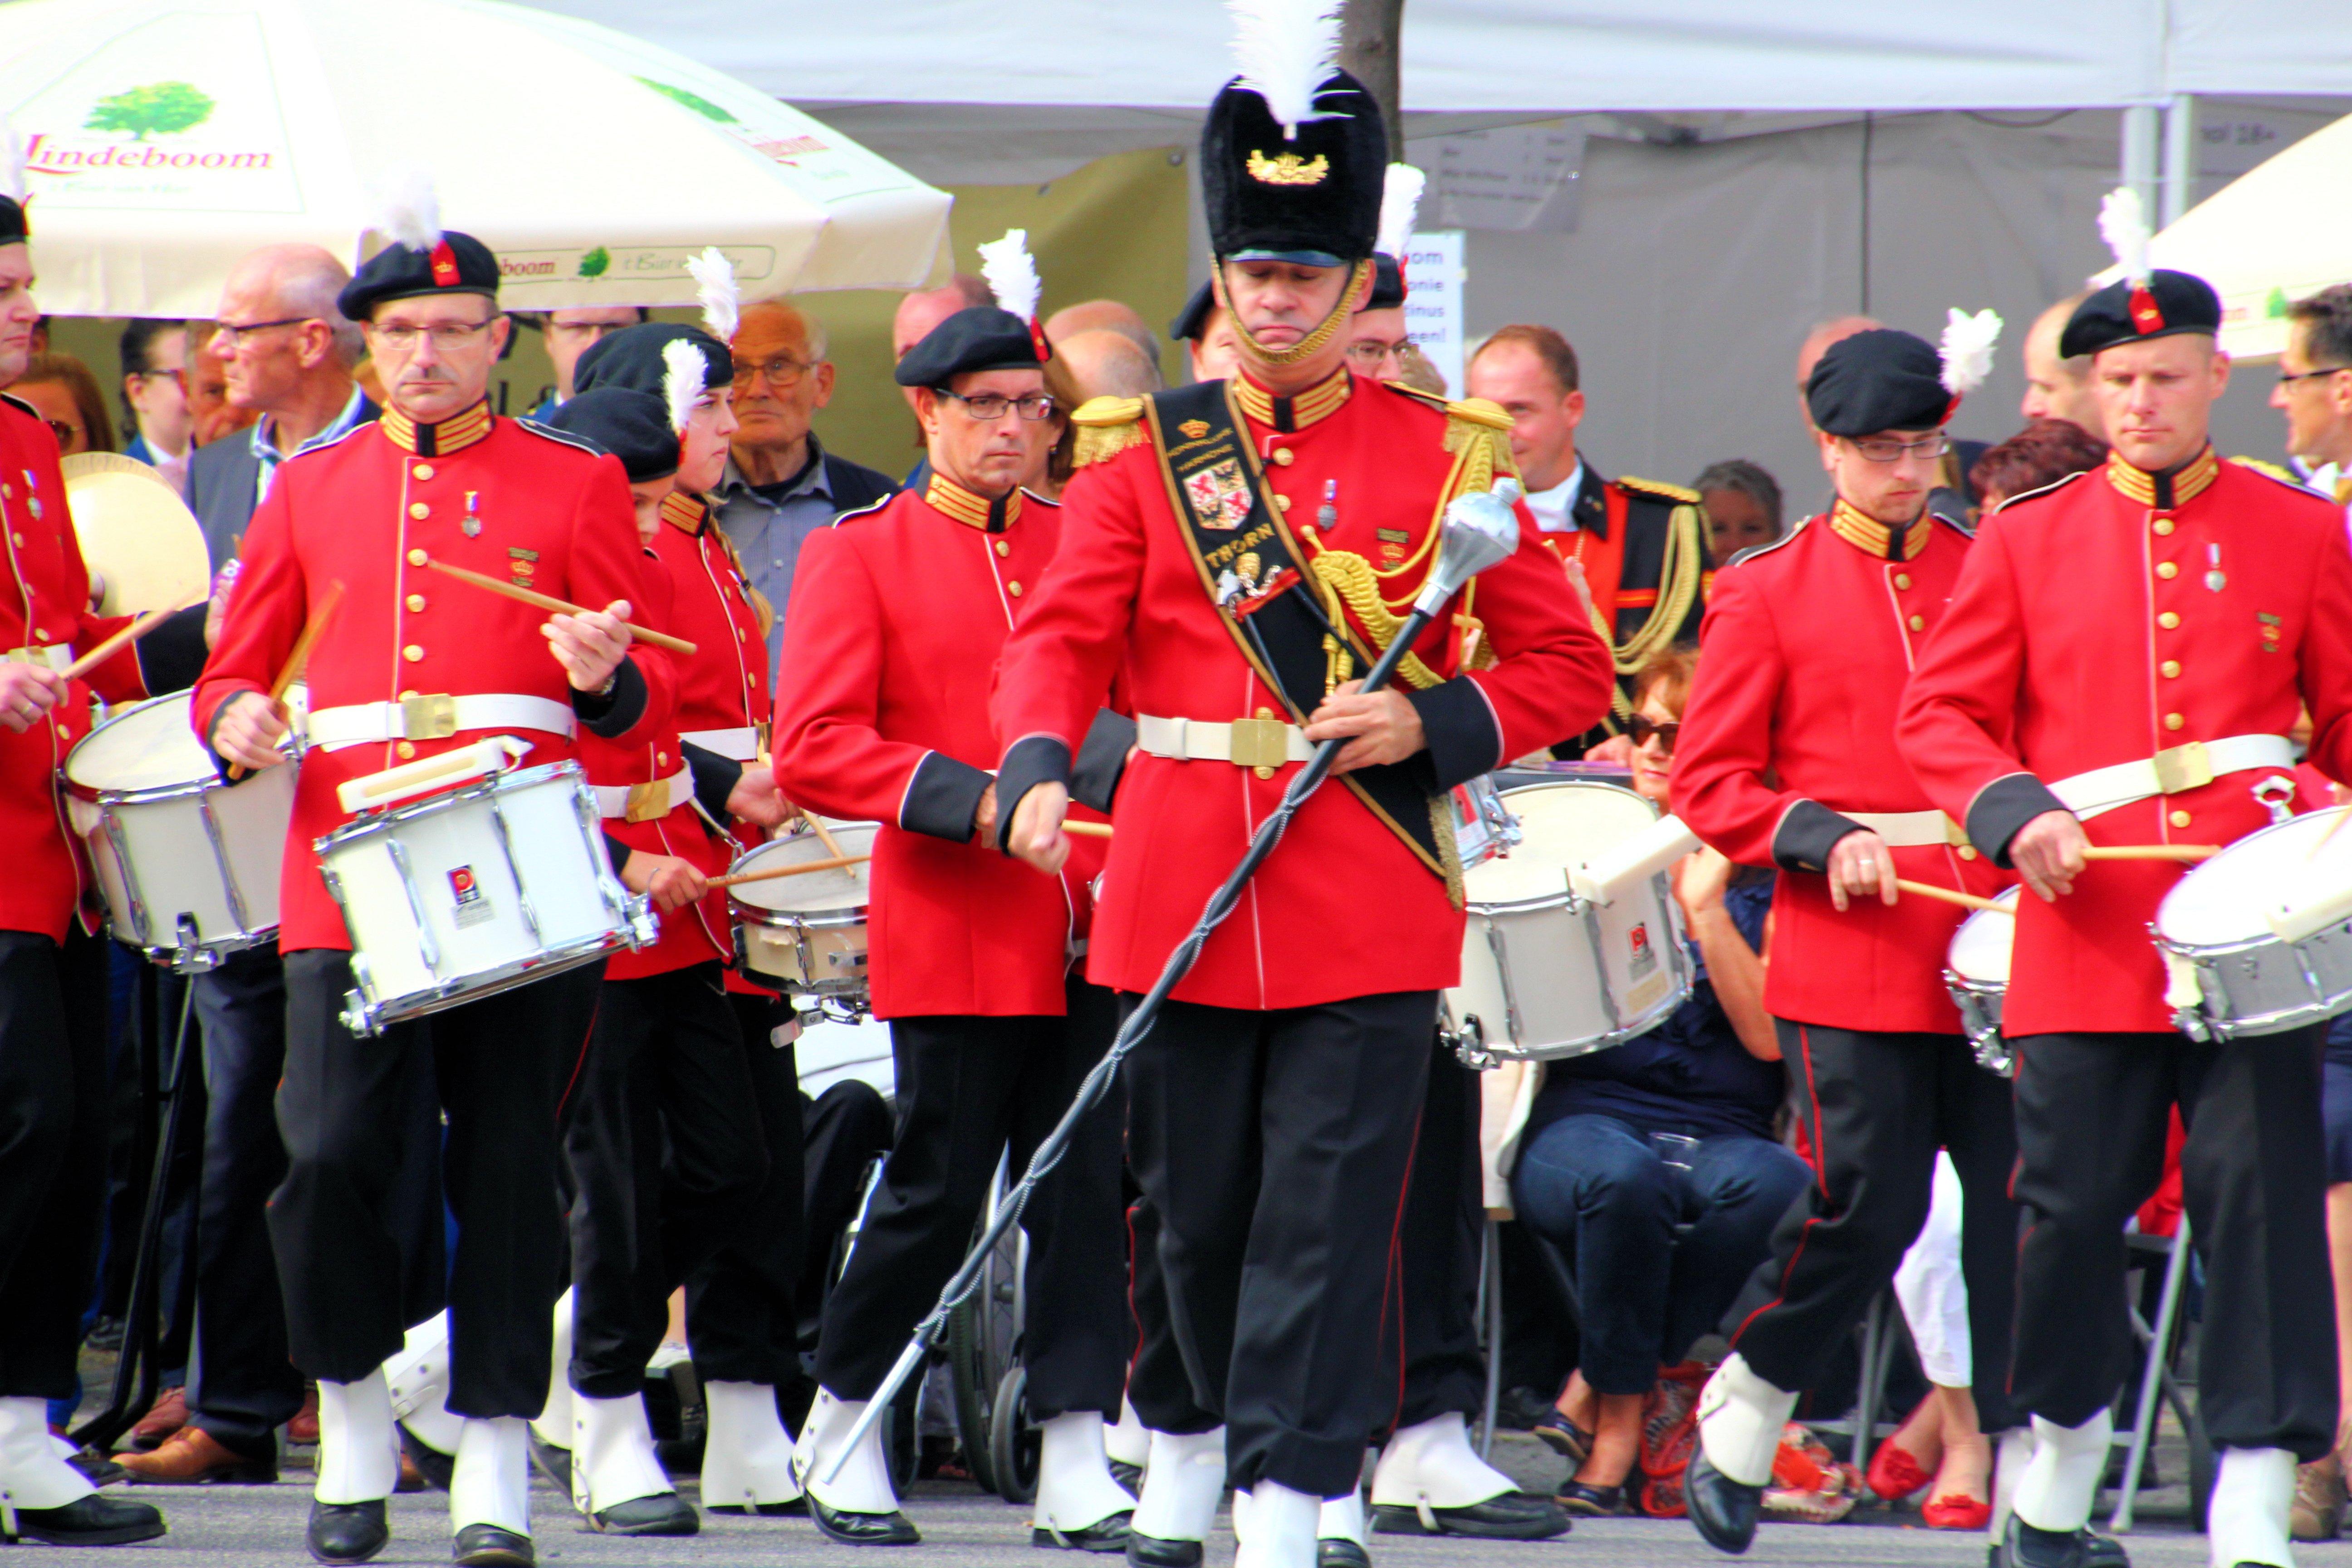 Deelname Drumband Koninklijke Harmonie van Thorn aan het LBM Podiumconcours